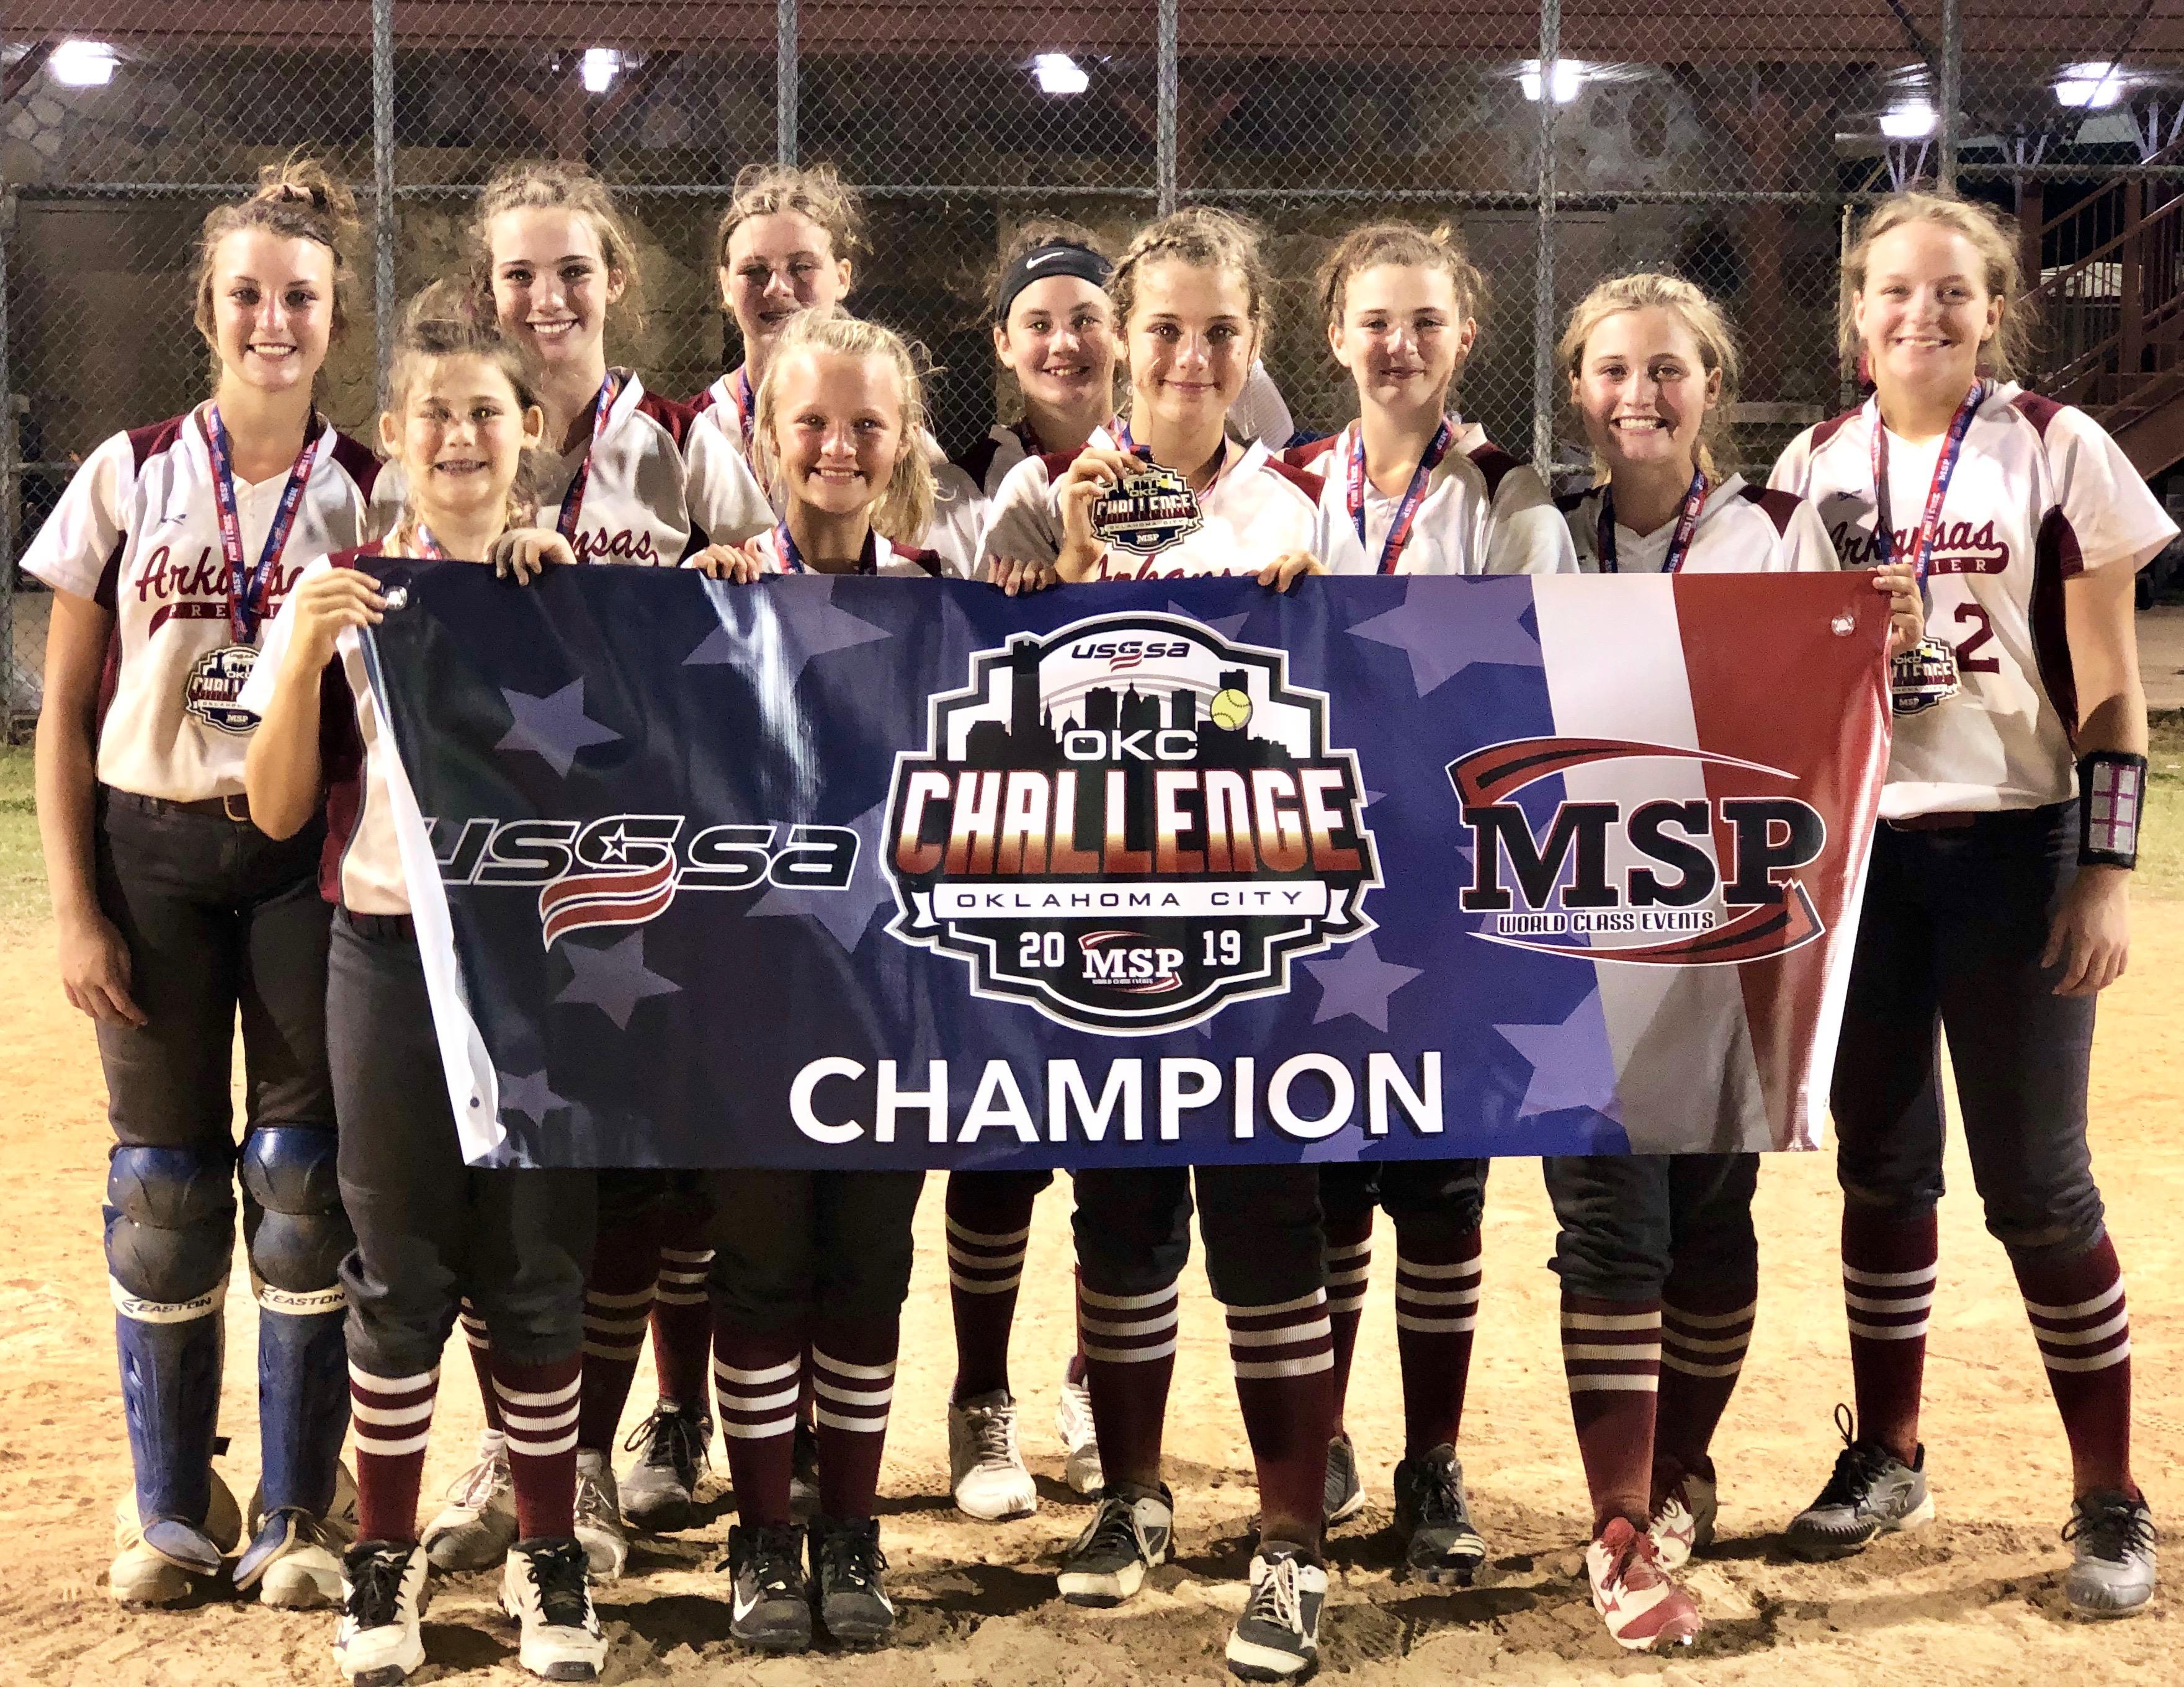 USSSA   Fastpitch Team: Arkansas Premier Fastpitch - Benton